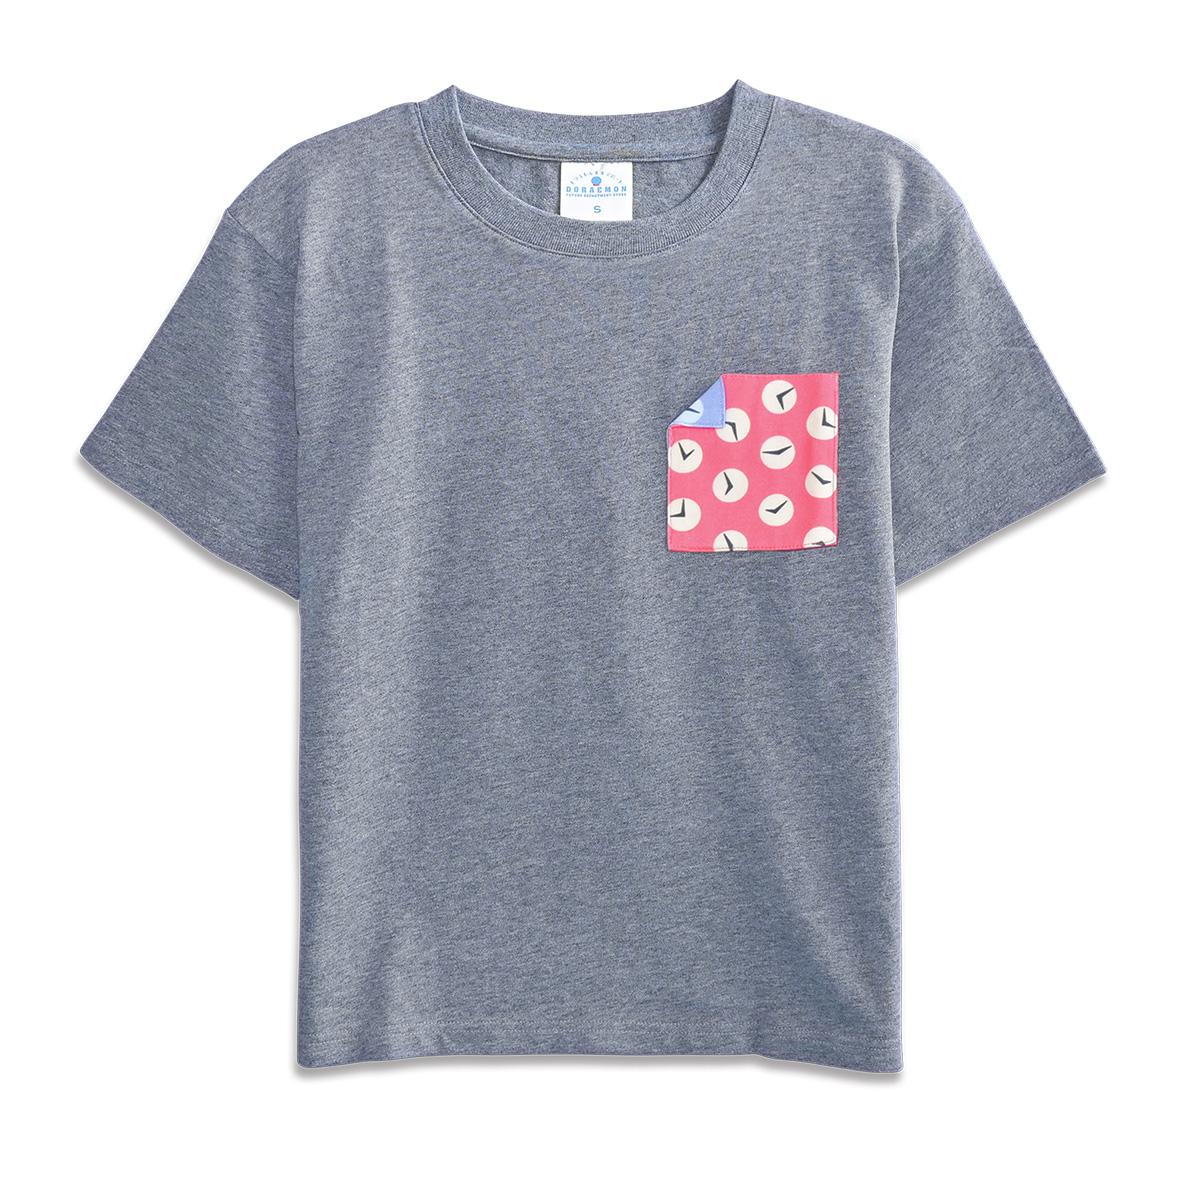 ドラえもん ポケットTシャツ タイムふろしき S